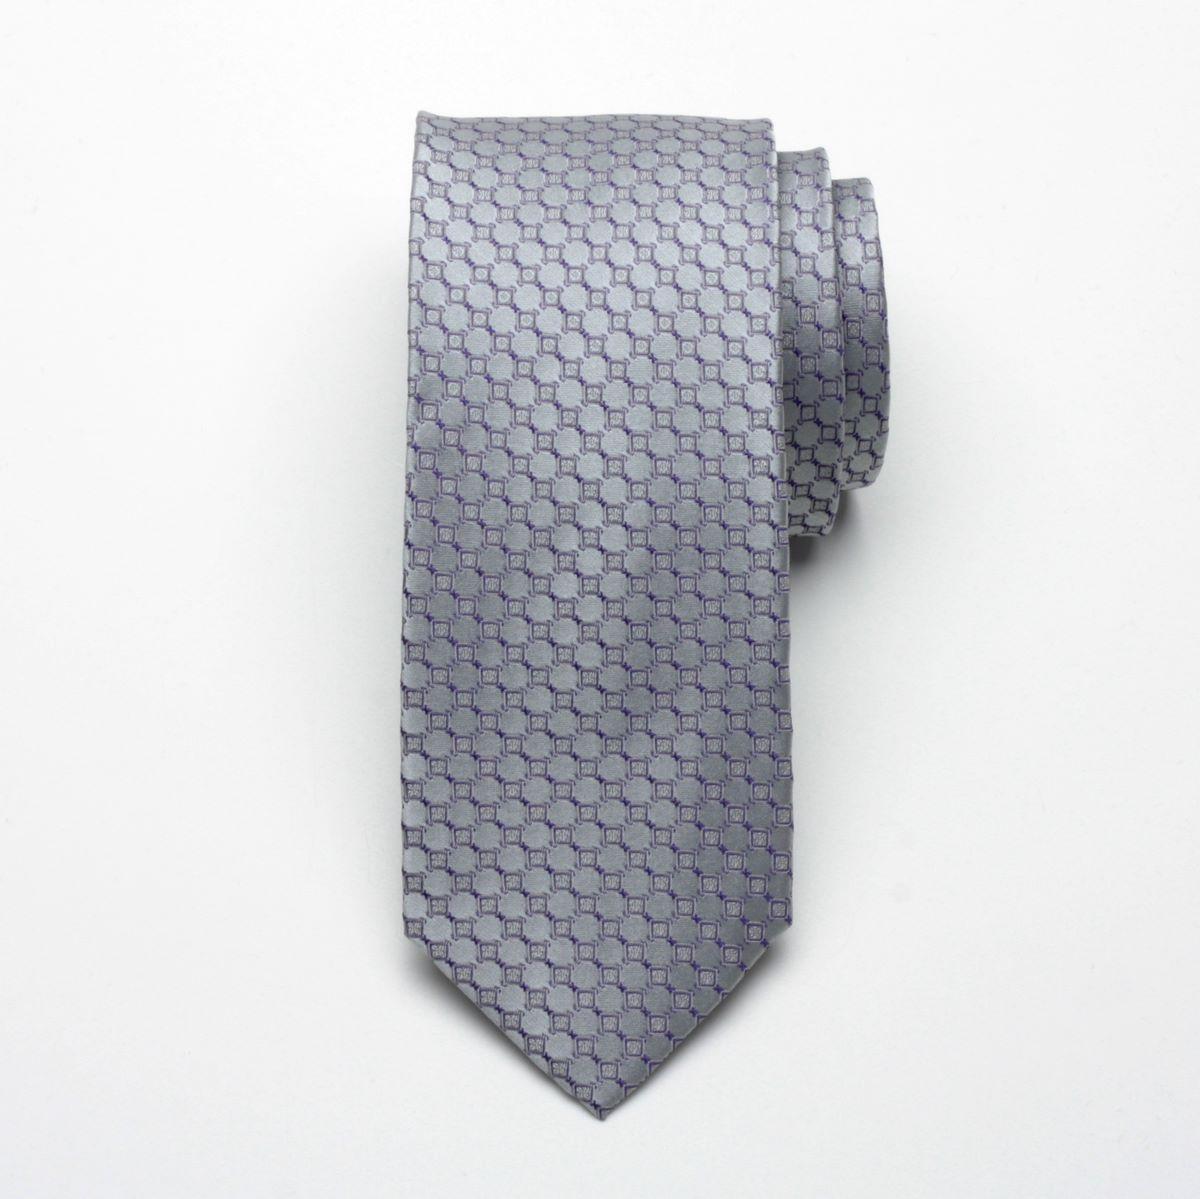 Krawat jedwabny (wzór 9)